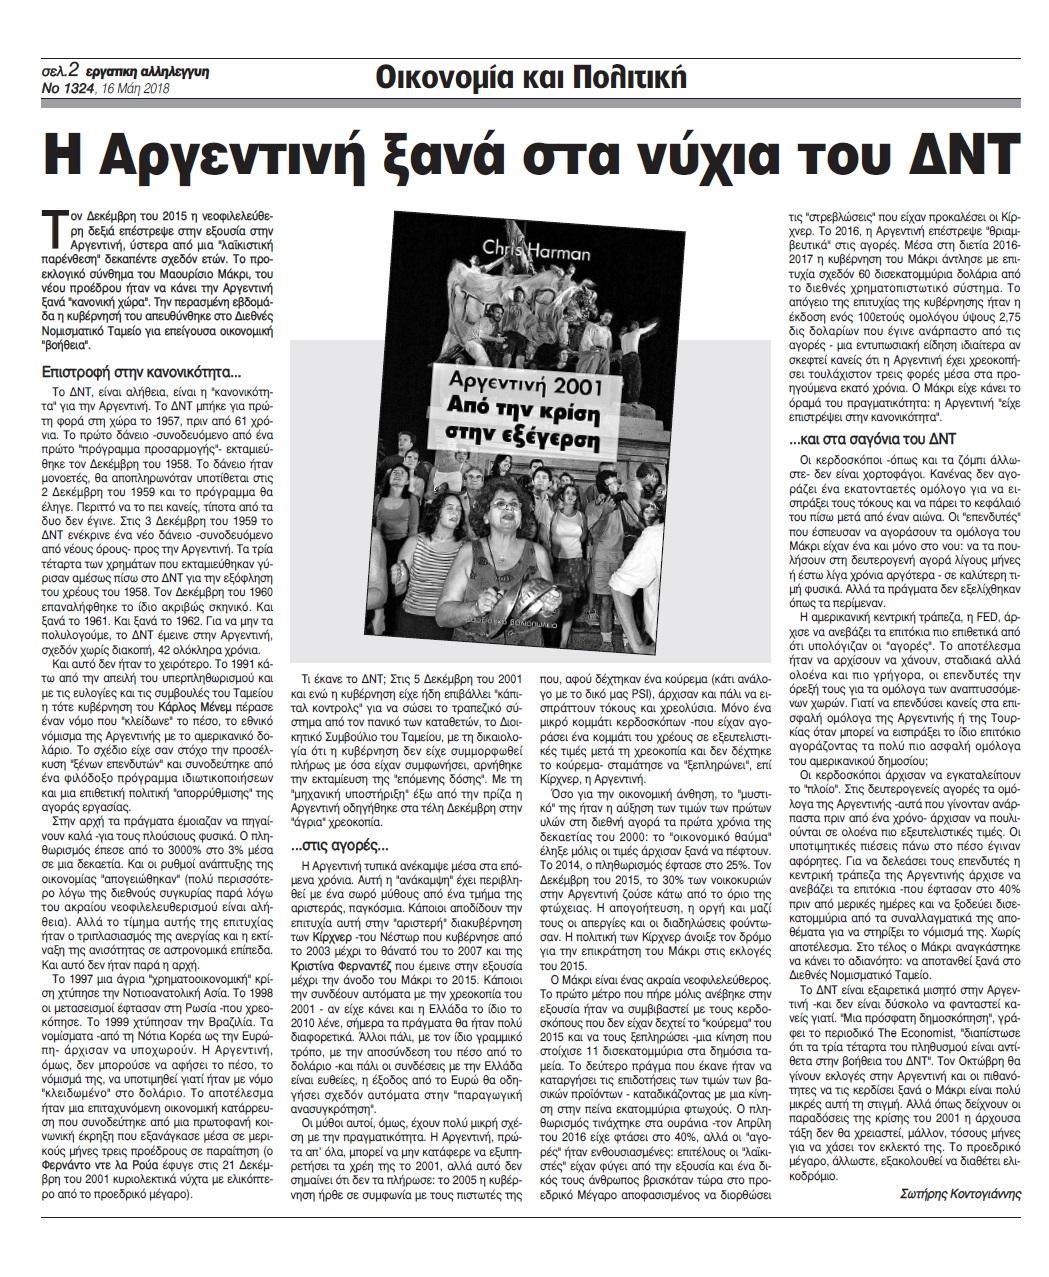 Οπισθόφυλλο εφημερίδας Εργατική Αλληλεγγύη